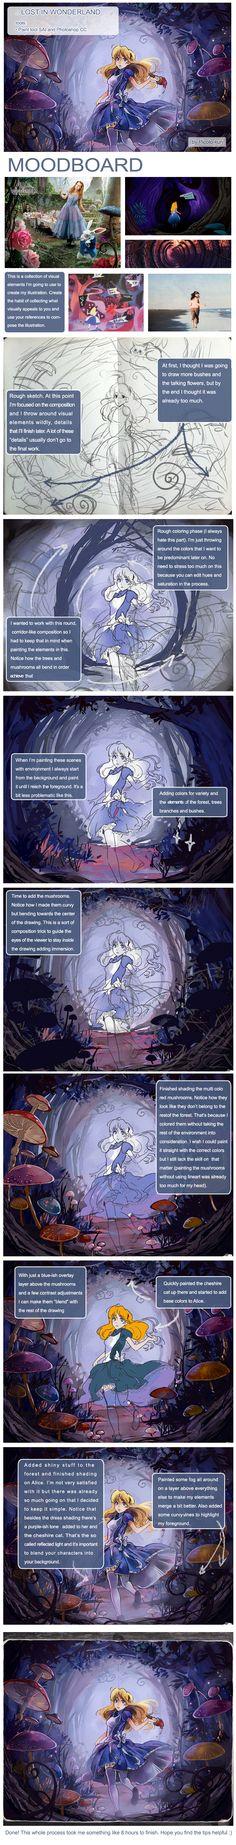 How to get lost in Wonderland by Picolo-kun.deviantart.com on @DeviantArt